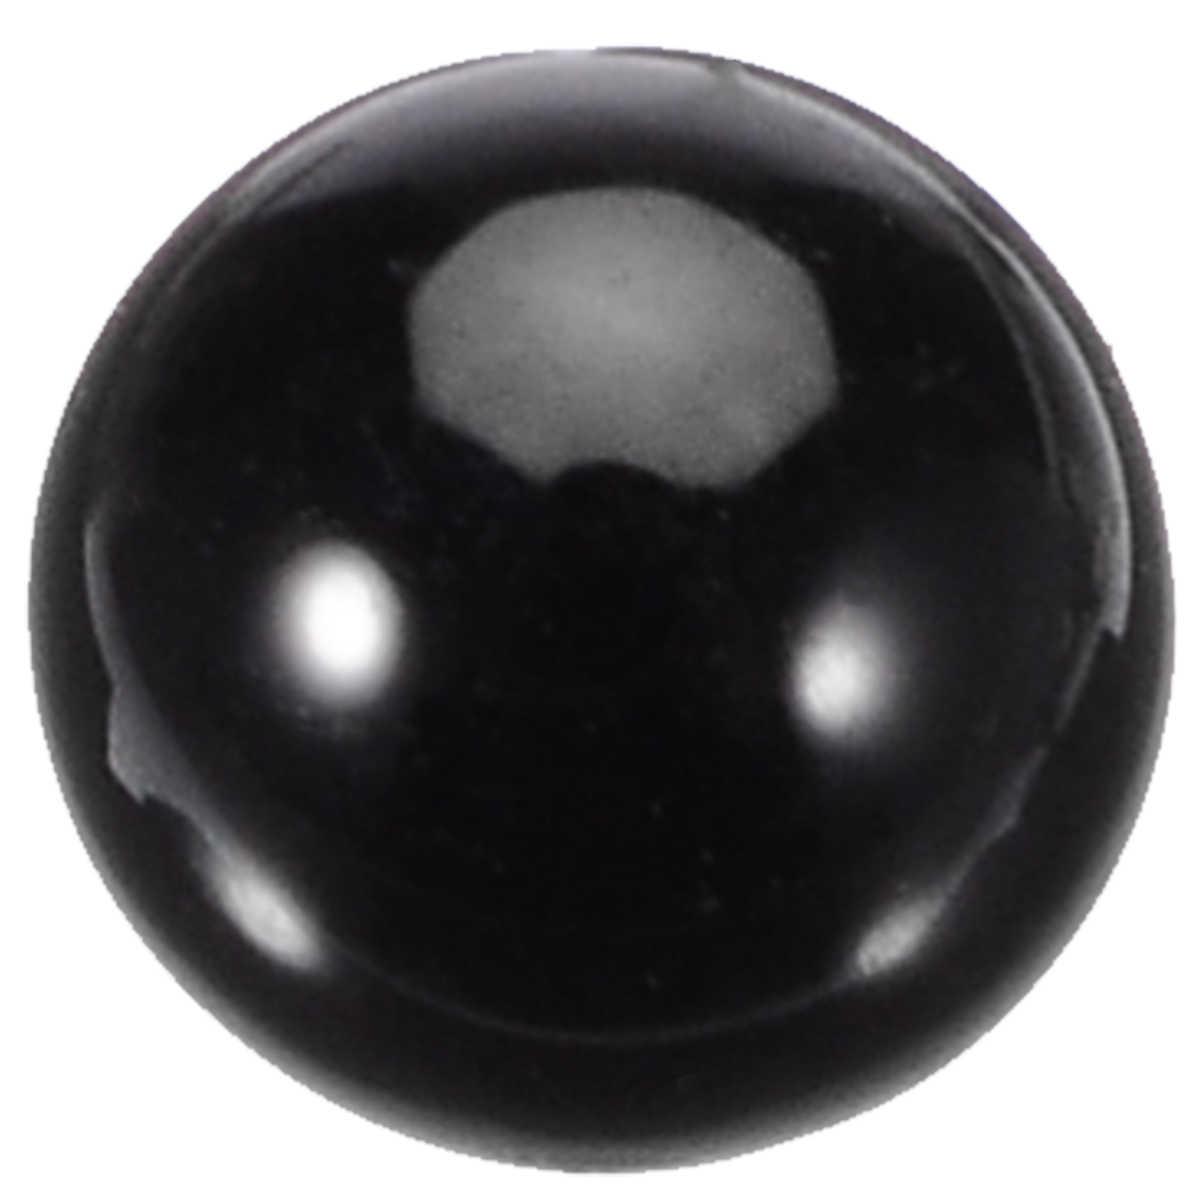 בעלי החיים עיני אביזרי 2mm / 3mm / 4mm אופציונלי עבור בובת העין קישוט אמנויות DIY מלאכות פלסטיק זכוכית בובת עיני